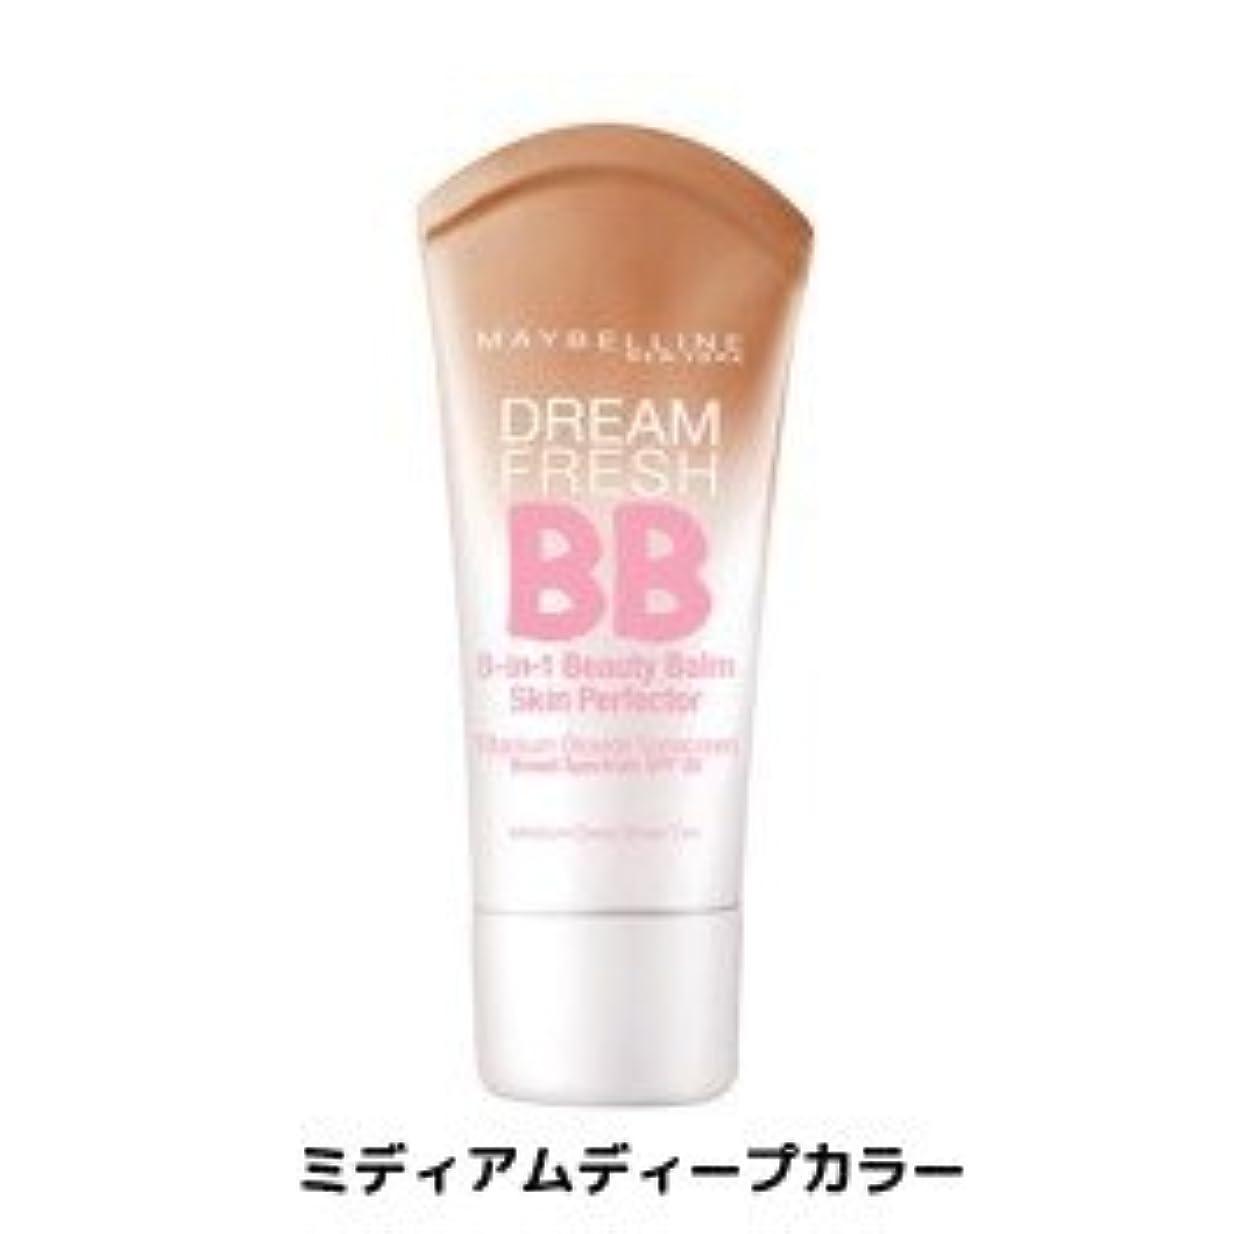 放射するバイアス事業メイベリン BBクリーム  SPF 30*Maybelline Dream Fresh BB Cream 30ml【平行輸入品】 (ミディアムディープカラー)